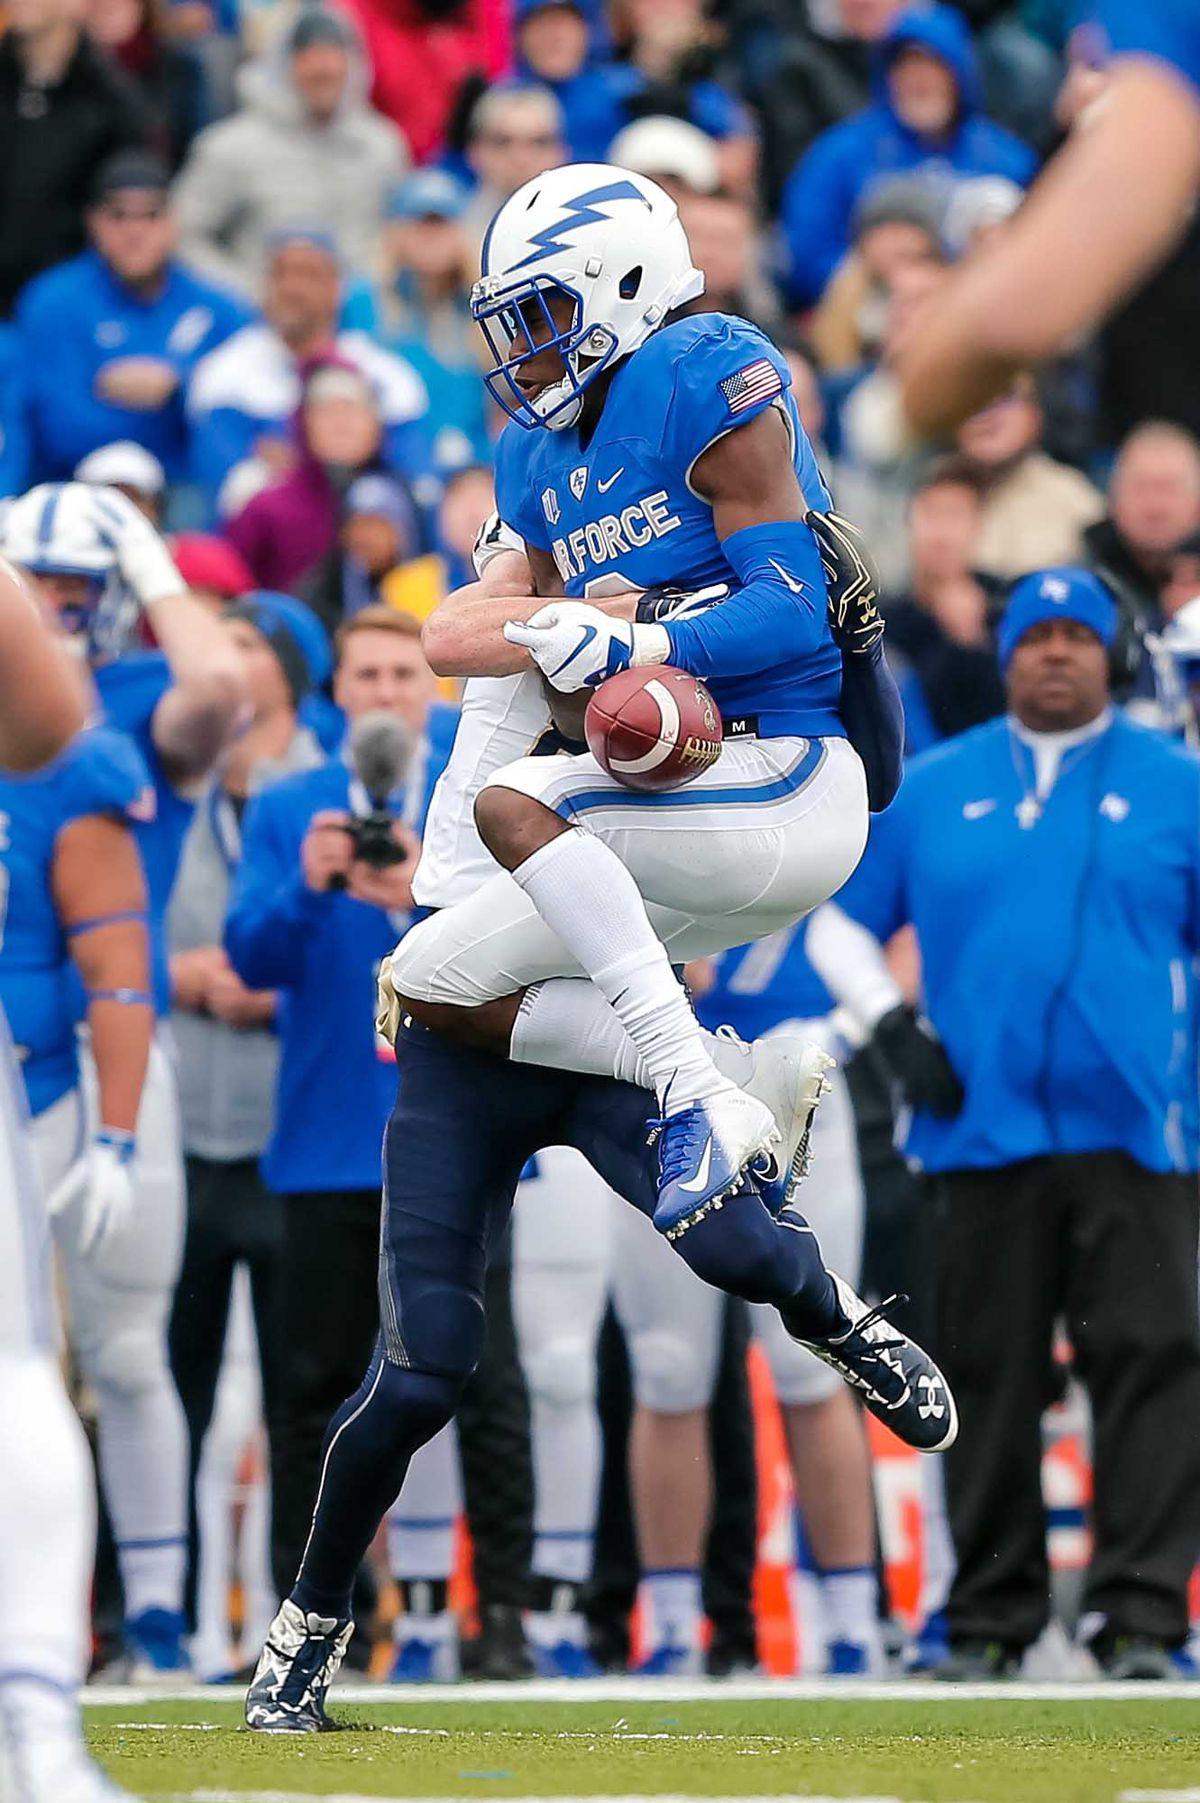 NCAA Football: Navy at Air Force